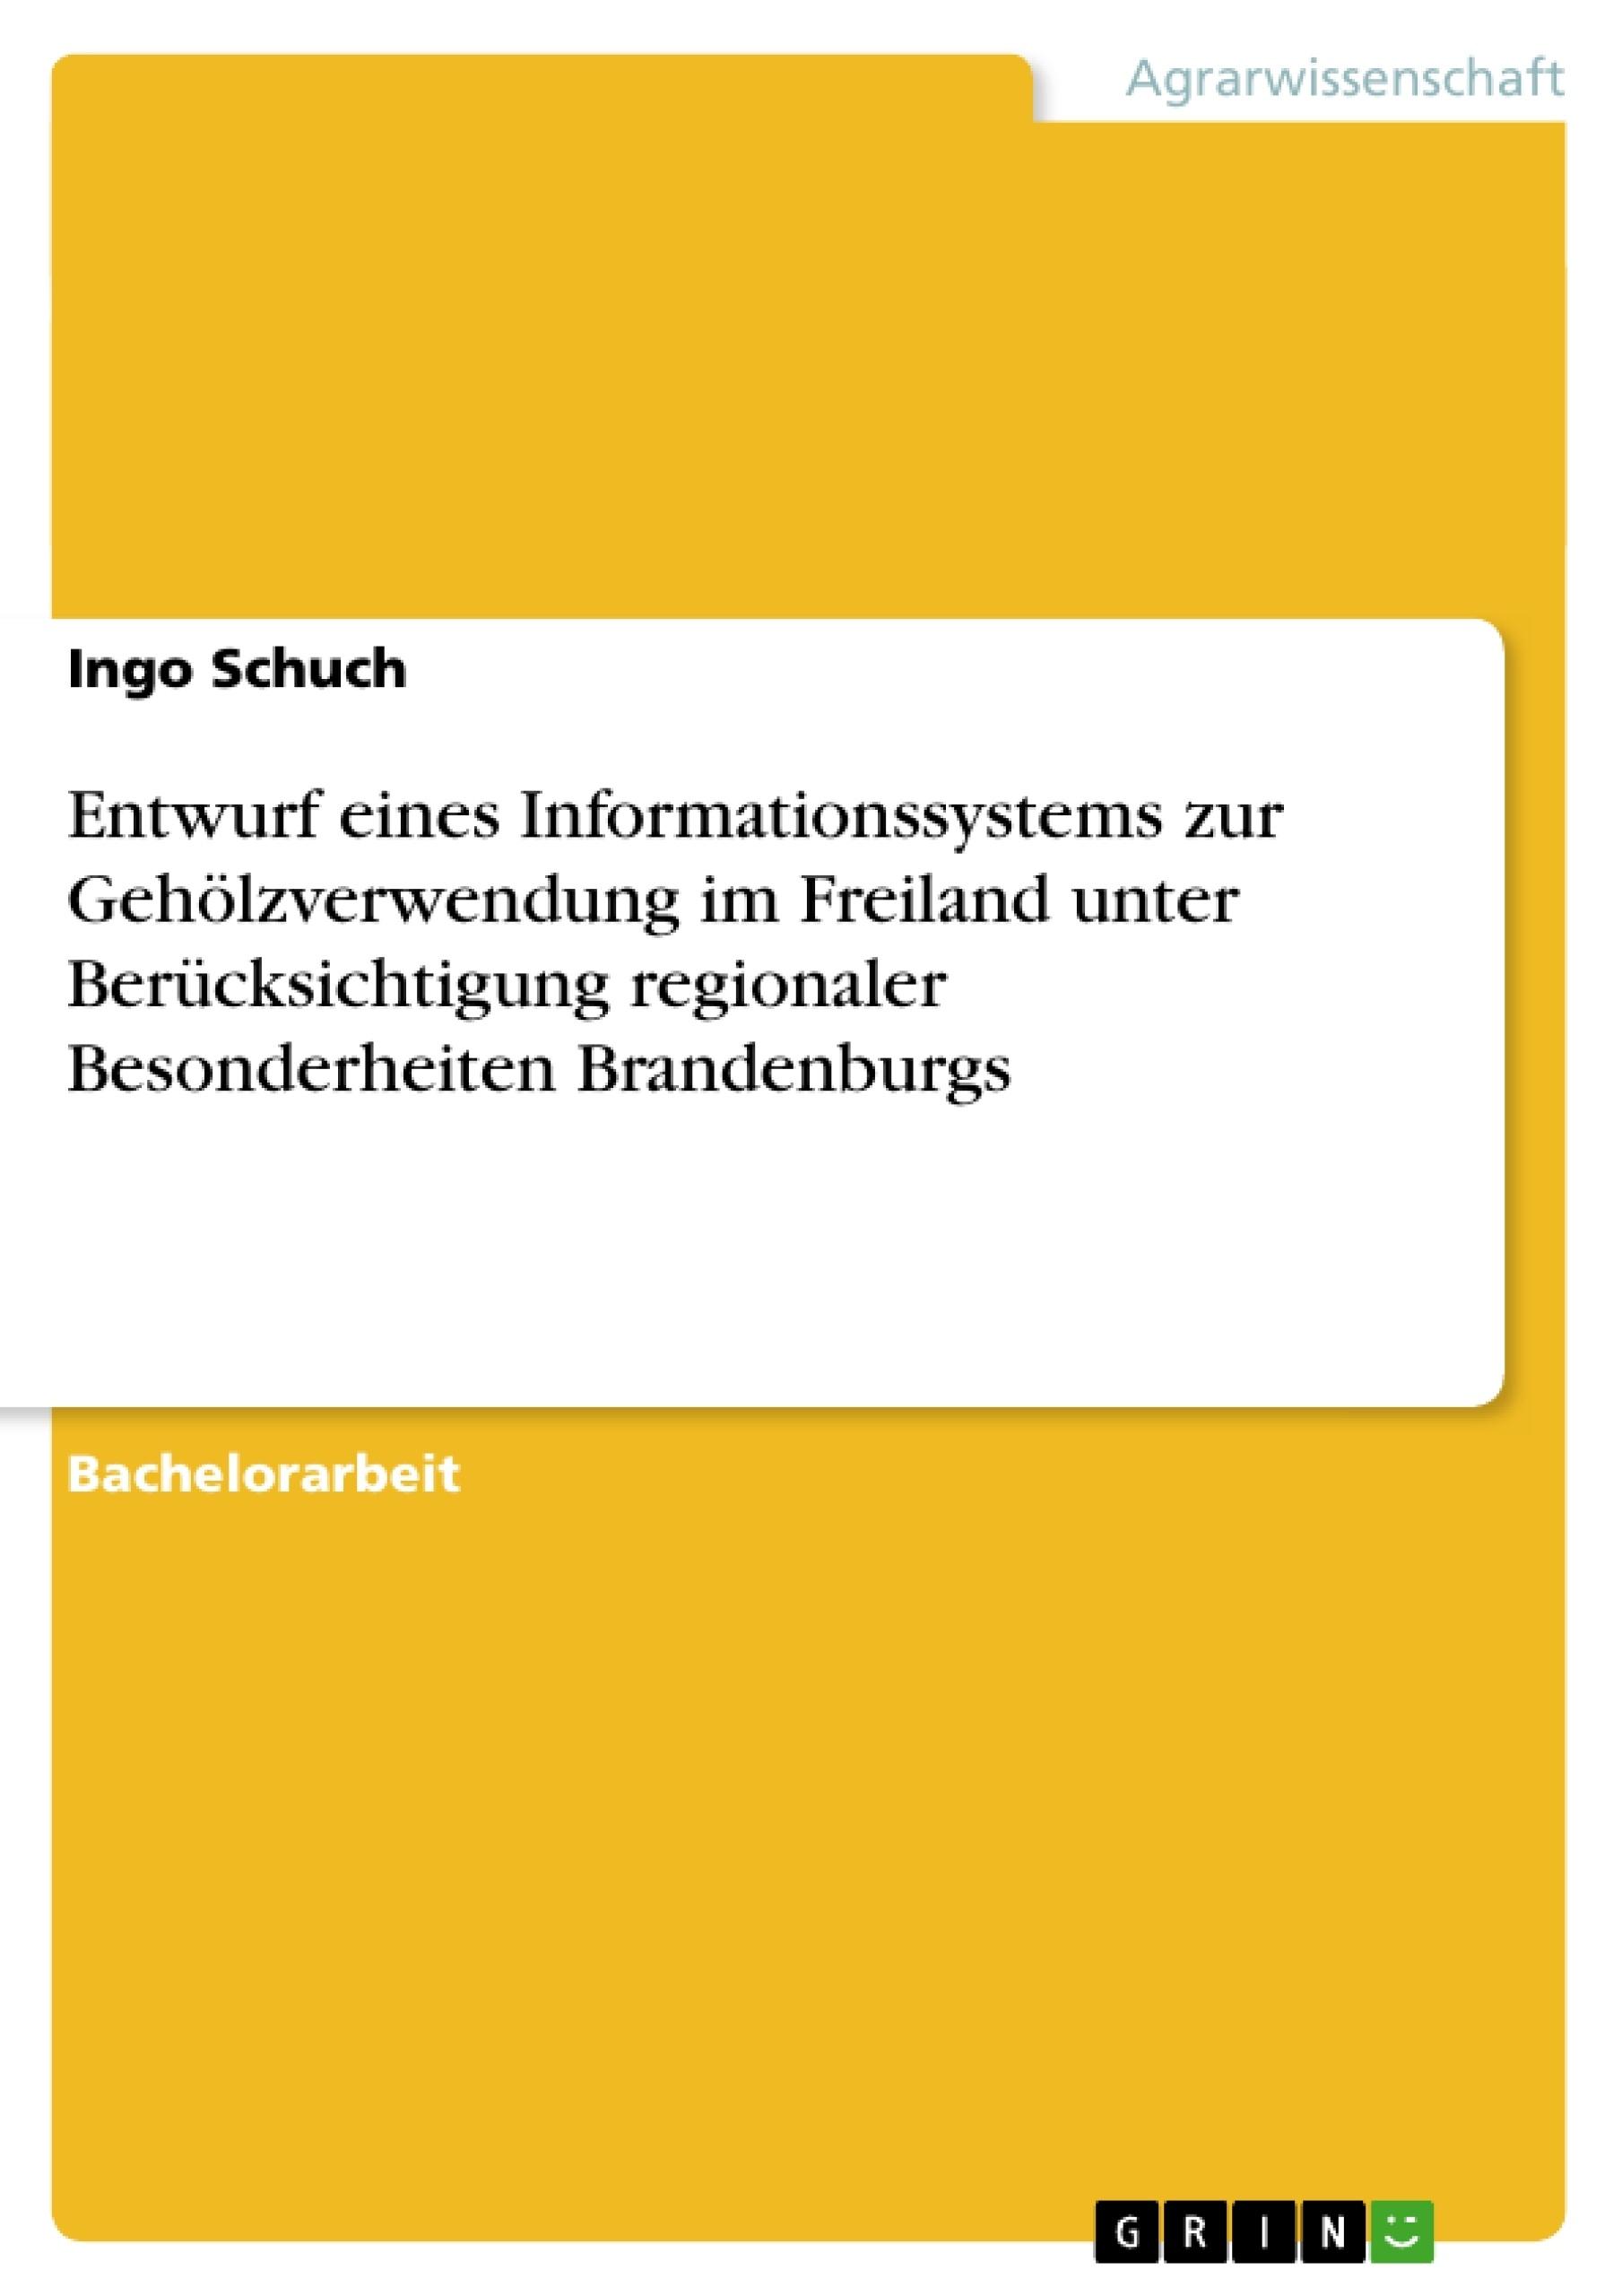 Titel: Entwurf eines Informationssystems zur Gehölzverwendung im Freiland unter Berücksichtigung regionaler Besonderheiten Brandenburgs